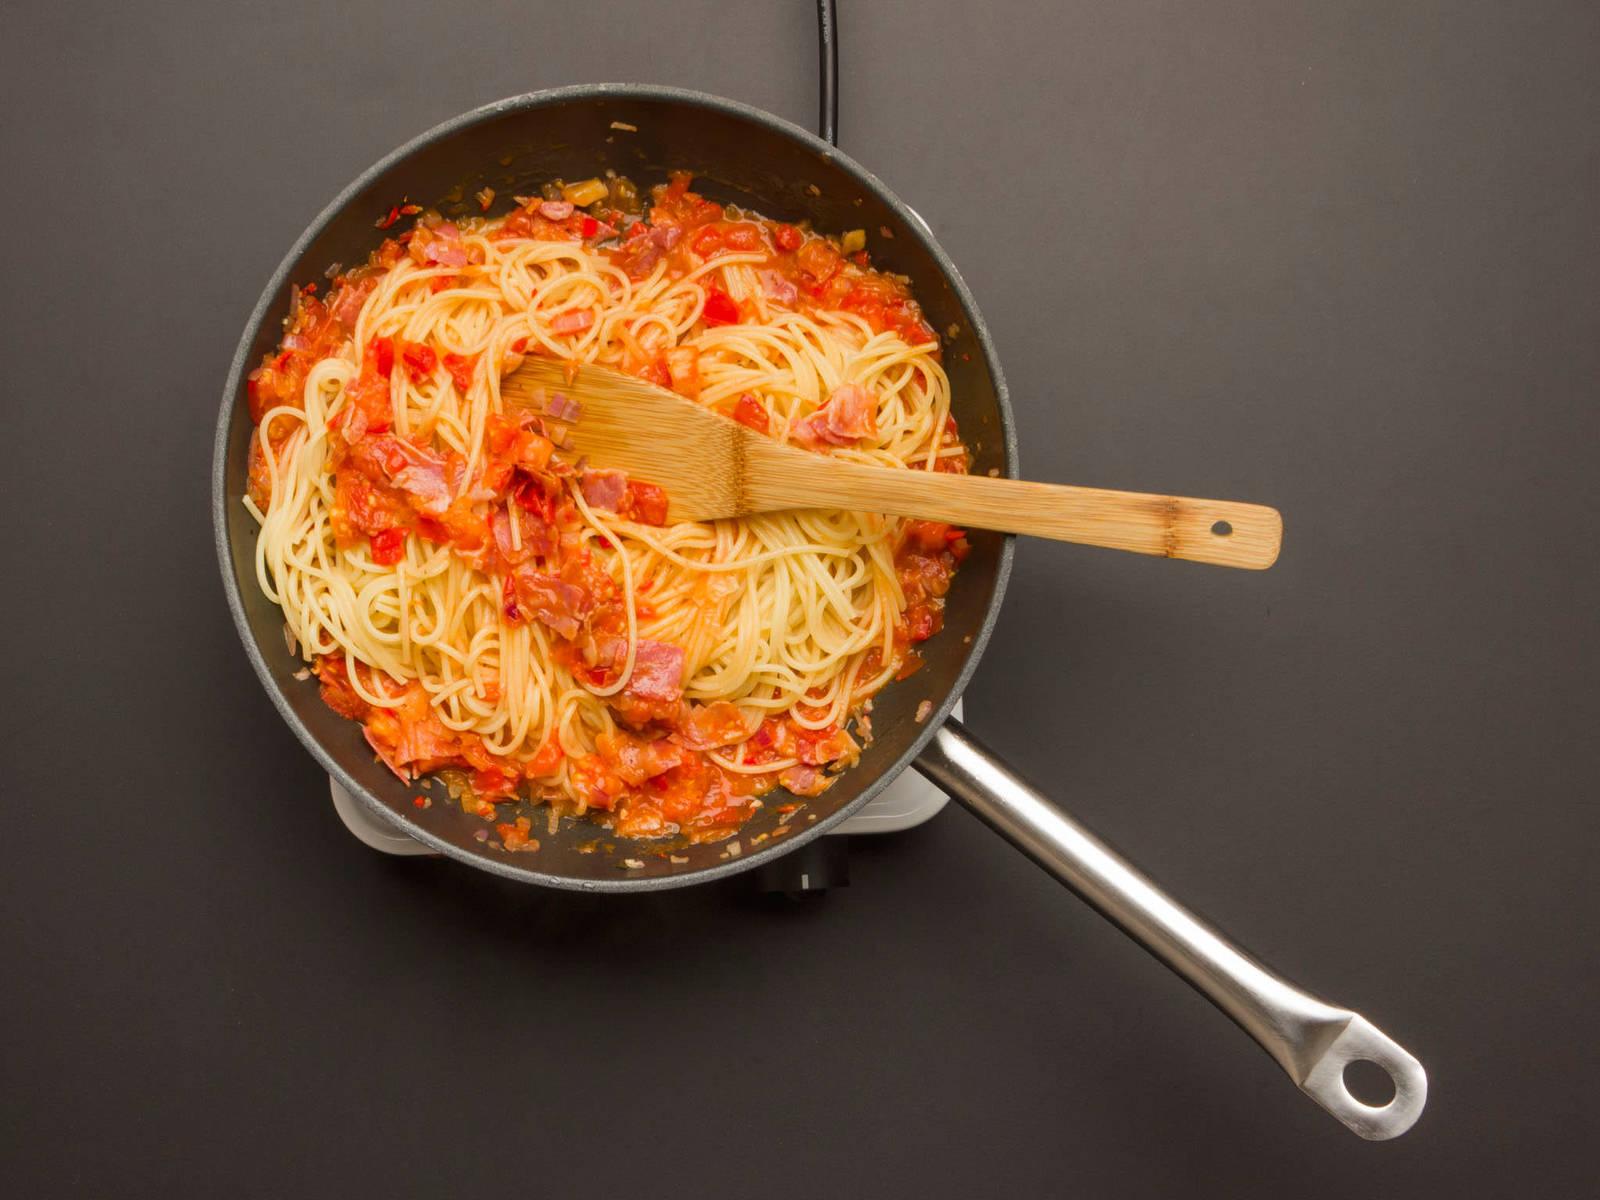 同时,炒番茄大约5分钟。加一些意大利面面汤和三分之二的培根。沥干意大利面,在煎锅中拌匀。用盐和胡椒调味。 撒上鼠尾草叶和剩余的培根,尽情享用吧!